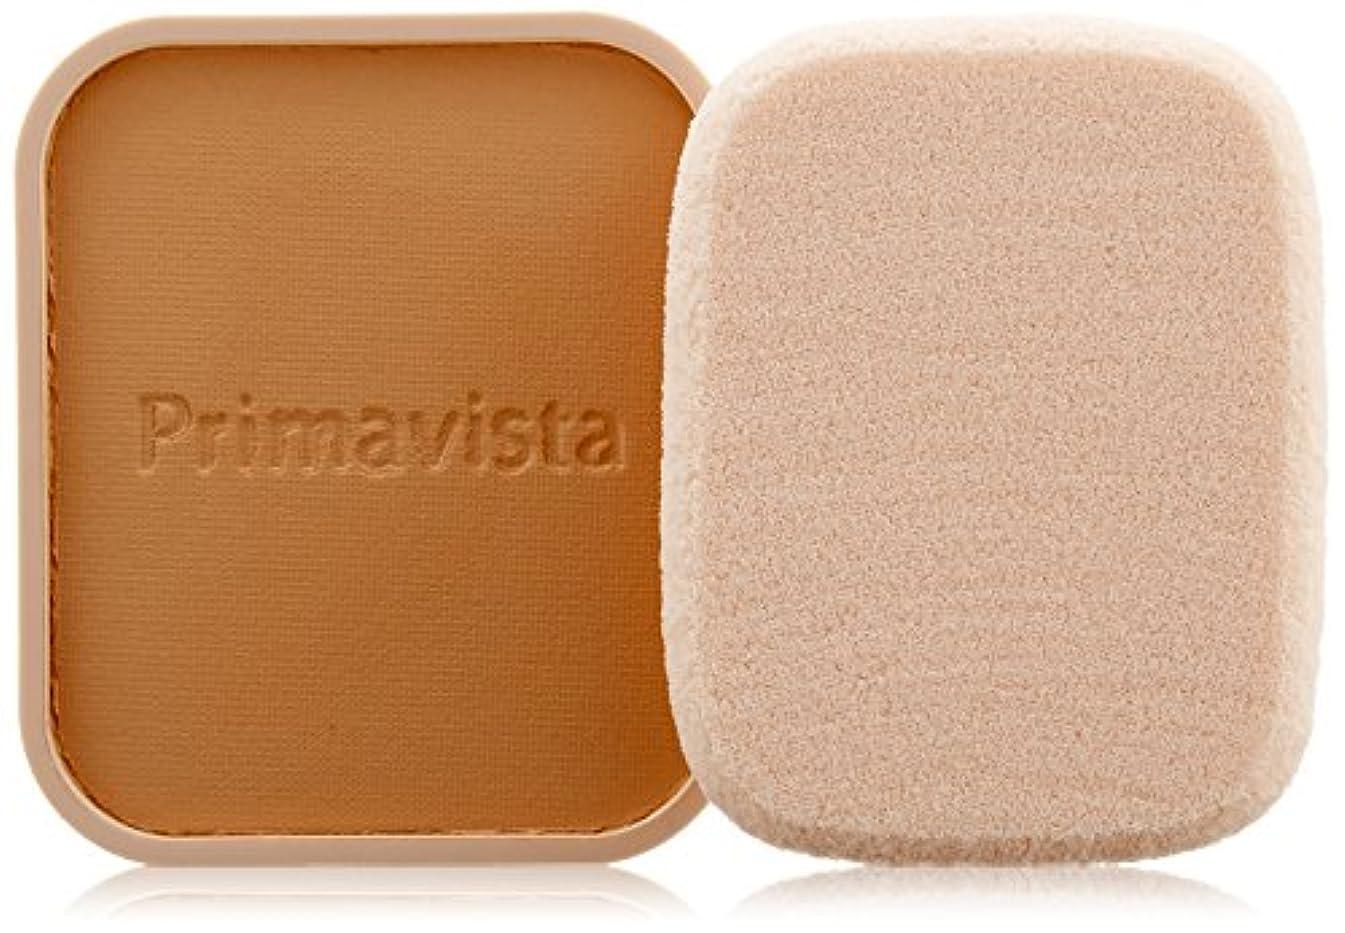 配分種類エステートソフィーナ プリマヴィスタ くずれにくい 化粧のり実感パウダーファンデーションUV オークル05 レフィル